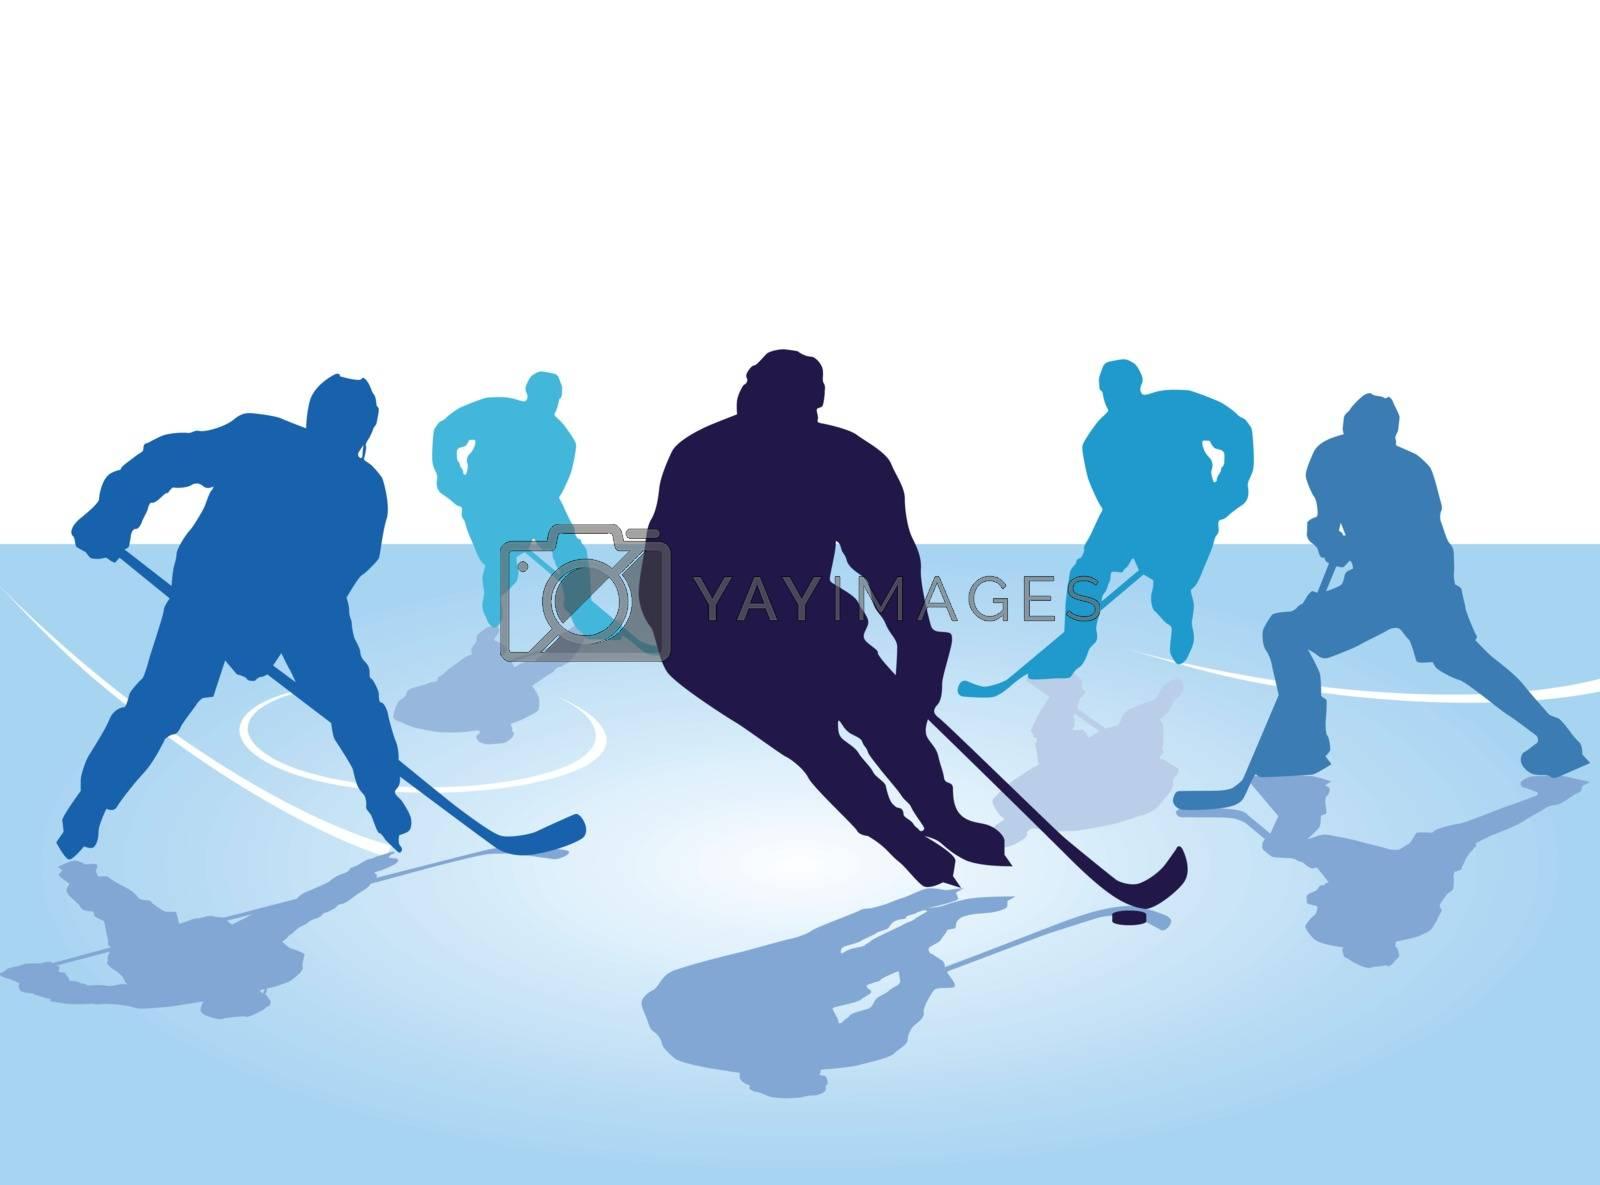 hockey player, skating with hockey